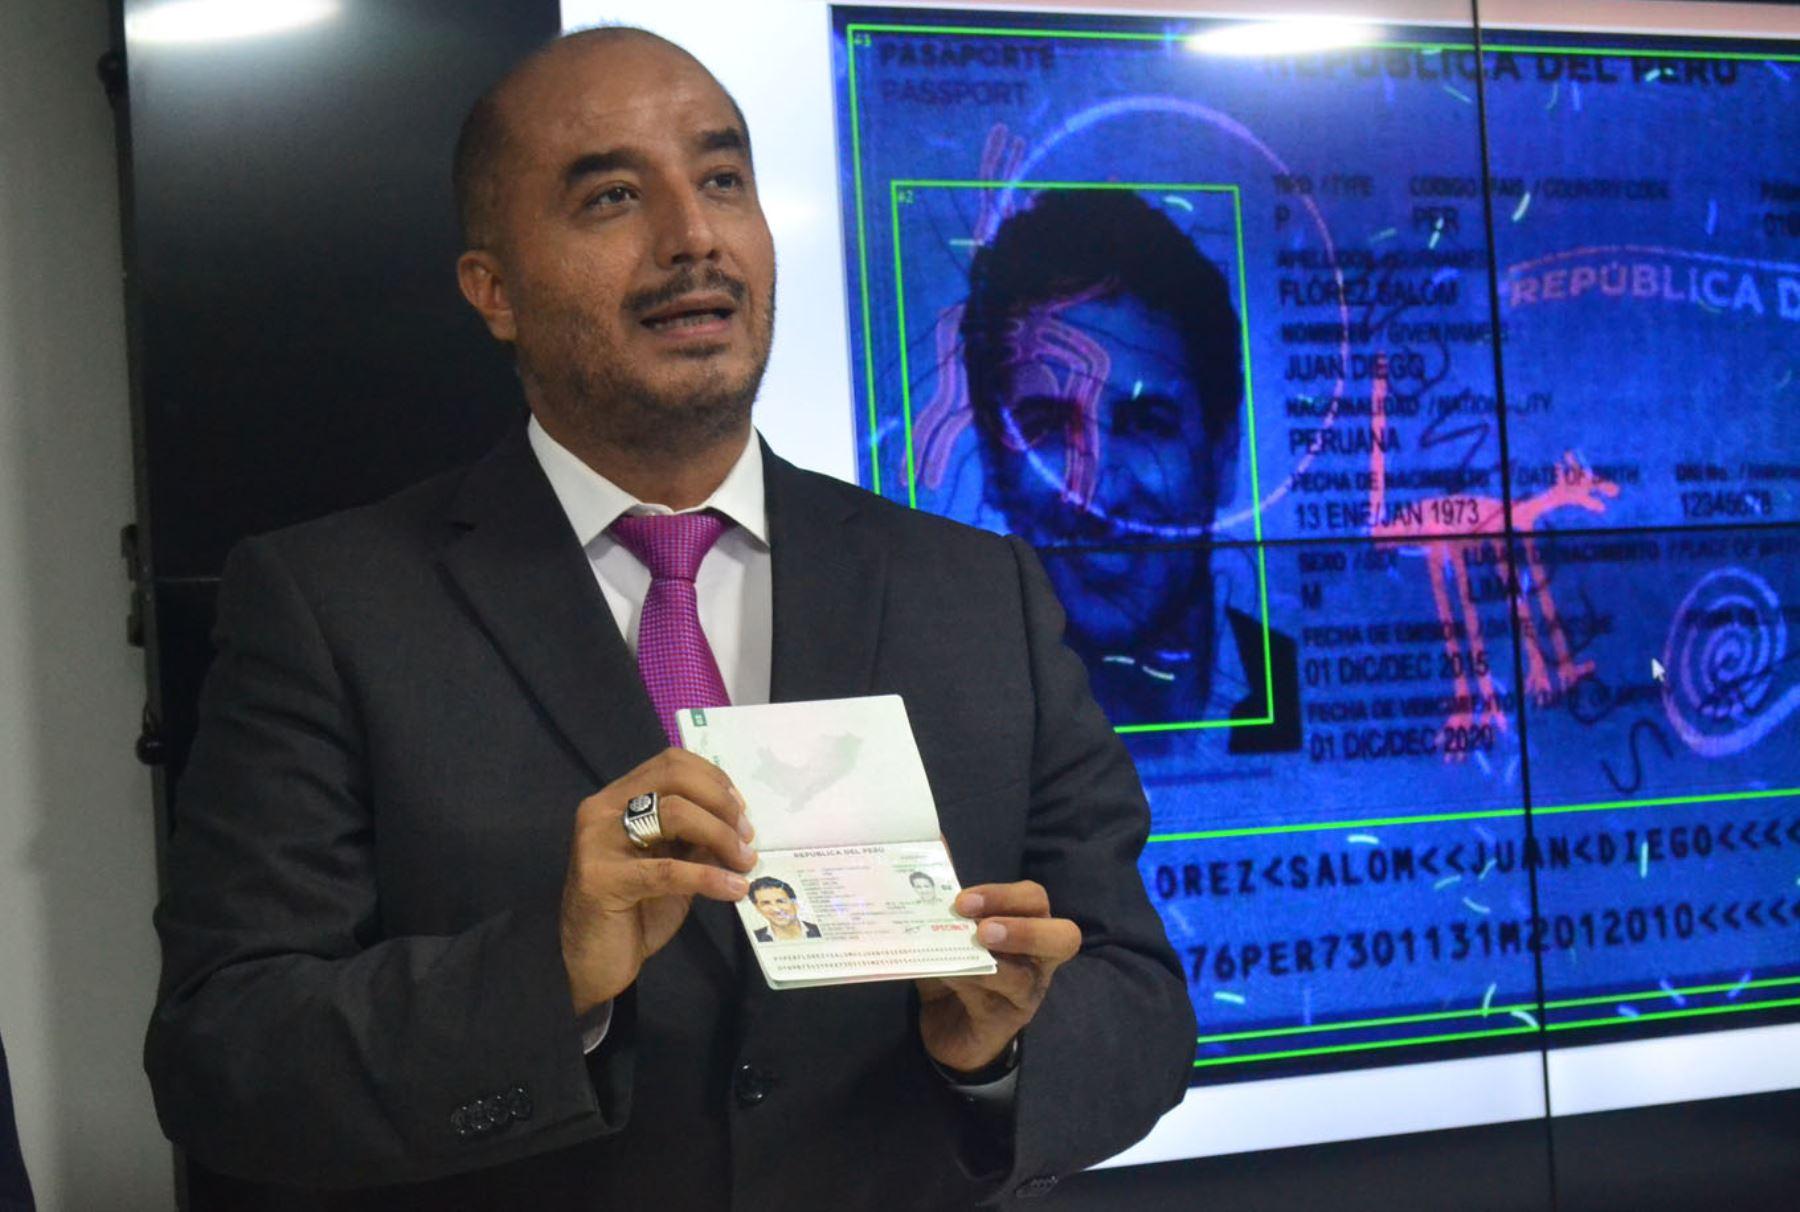 Lima per febrero 22 ministro del interior jos luis for Nuevo ministro del interior peru